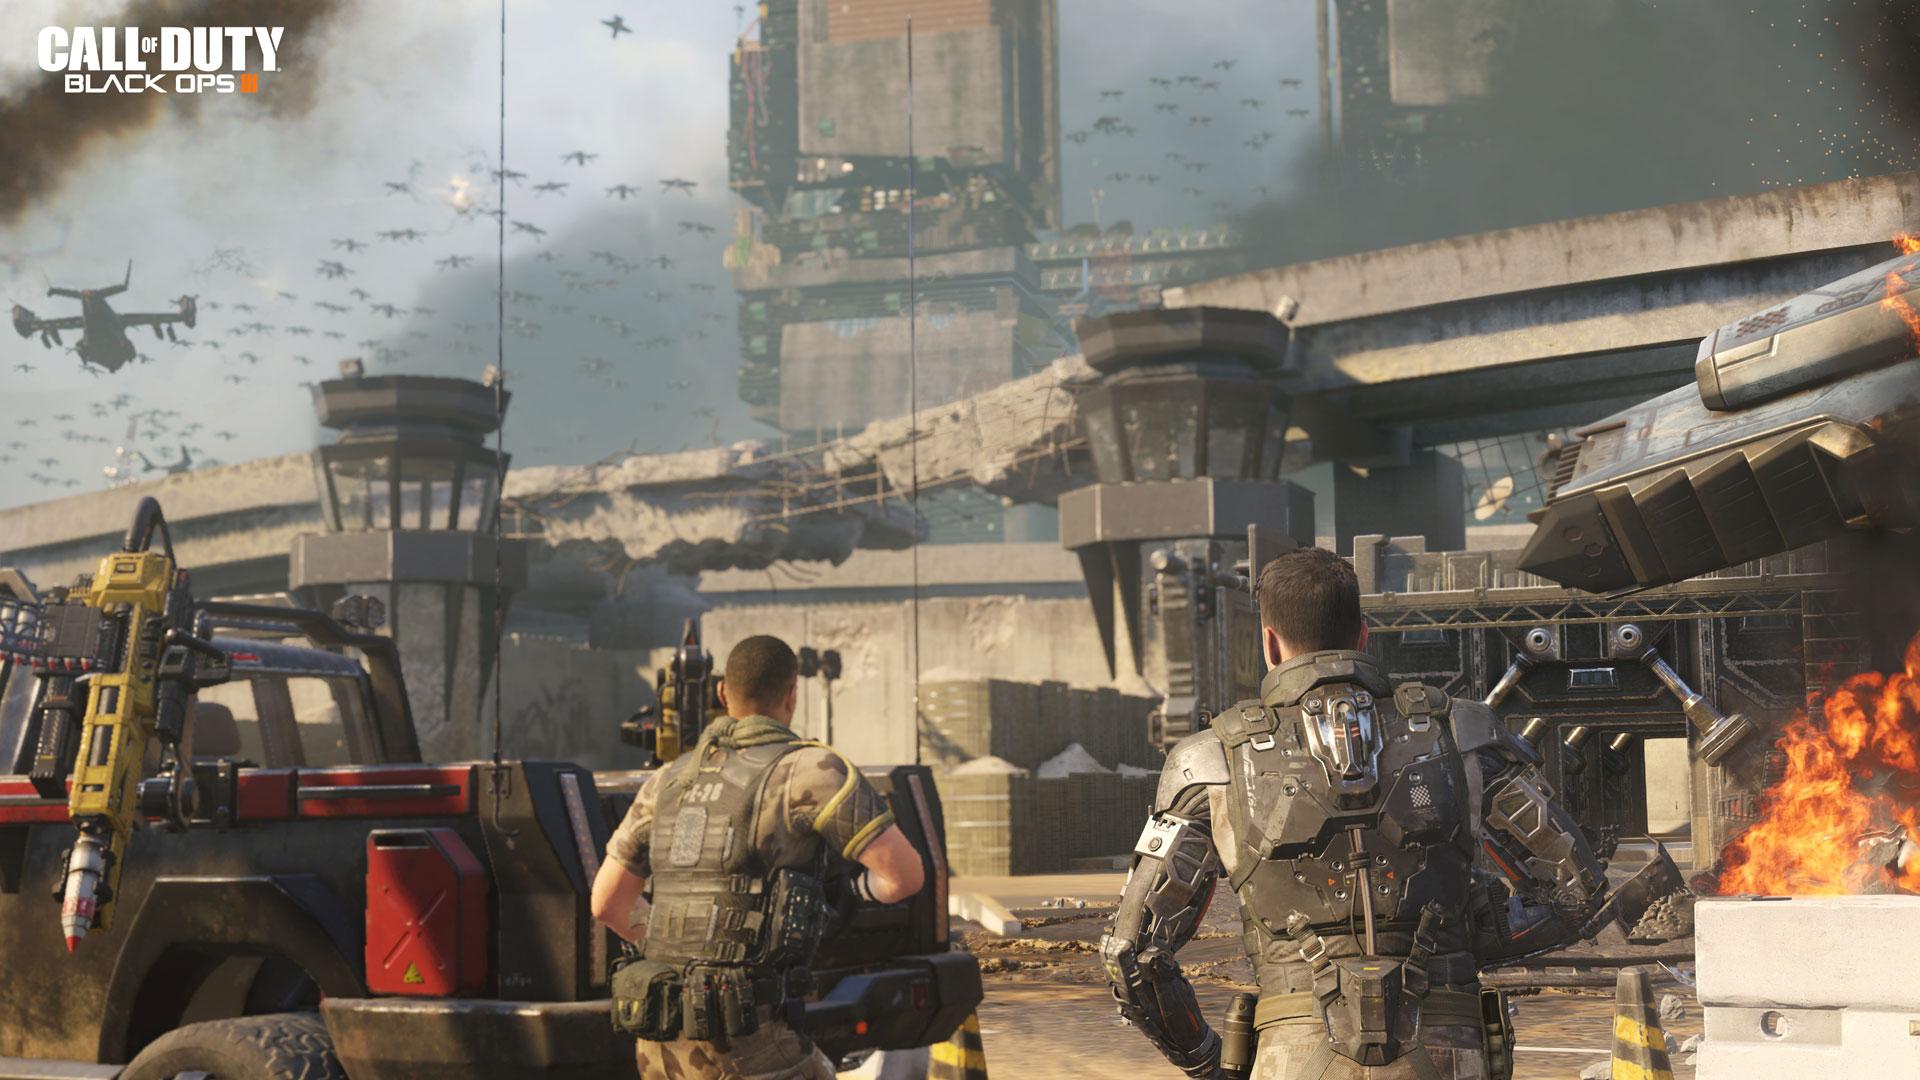 Todo lo que sea añadir mods y mapas a un juego de PC me parece fantástico, más aún si se trata de una saga tan fuerte como Call of Duty.